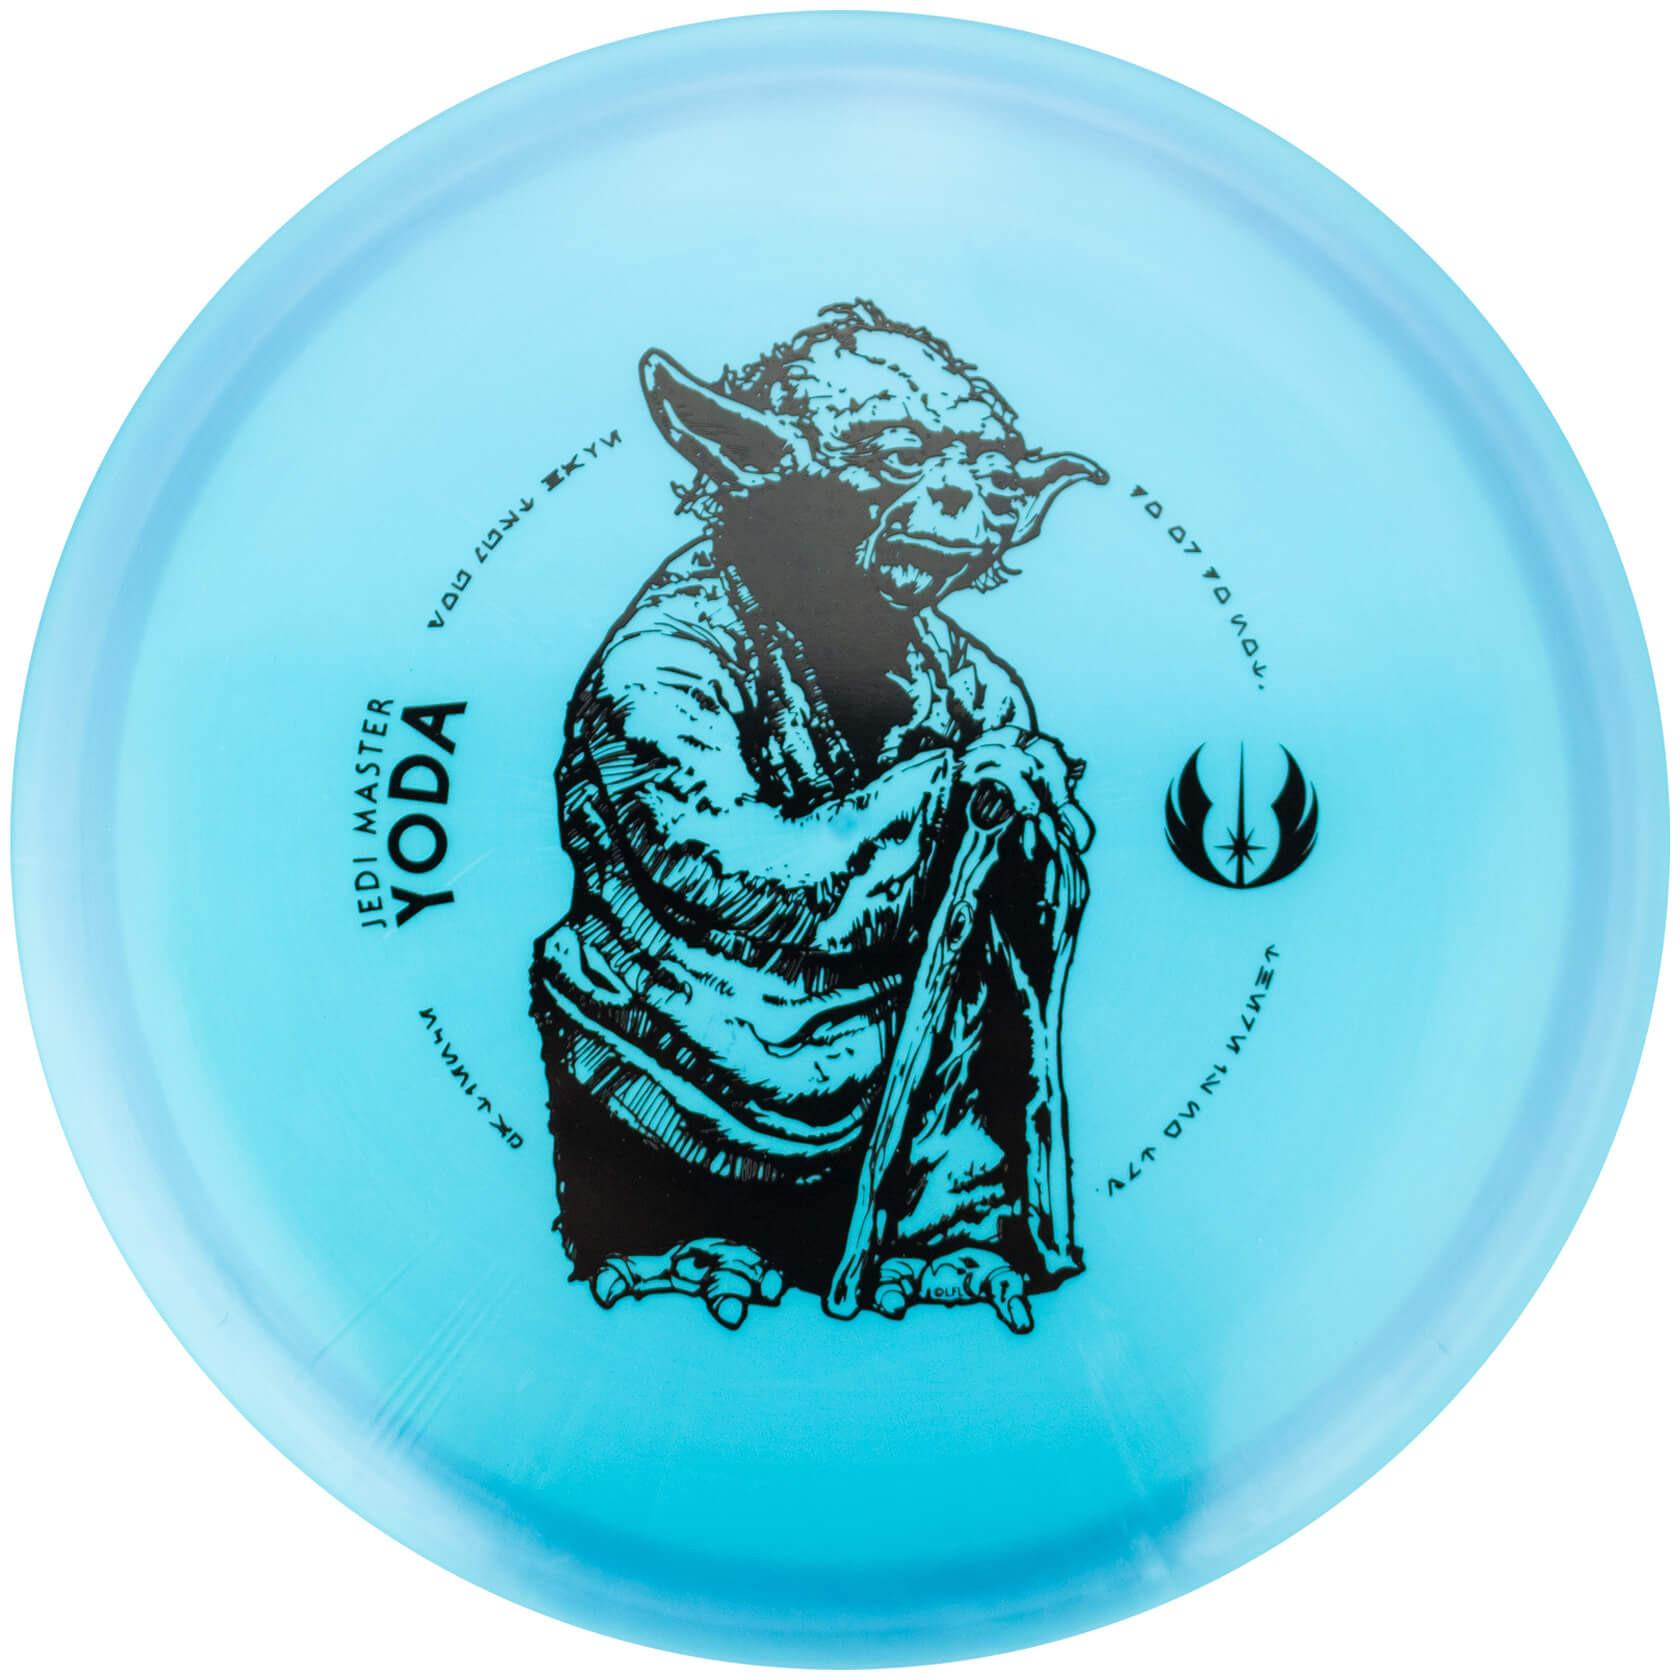 Jedi Master Yoda Discraft Elite Z Buzzz